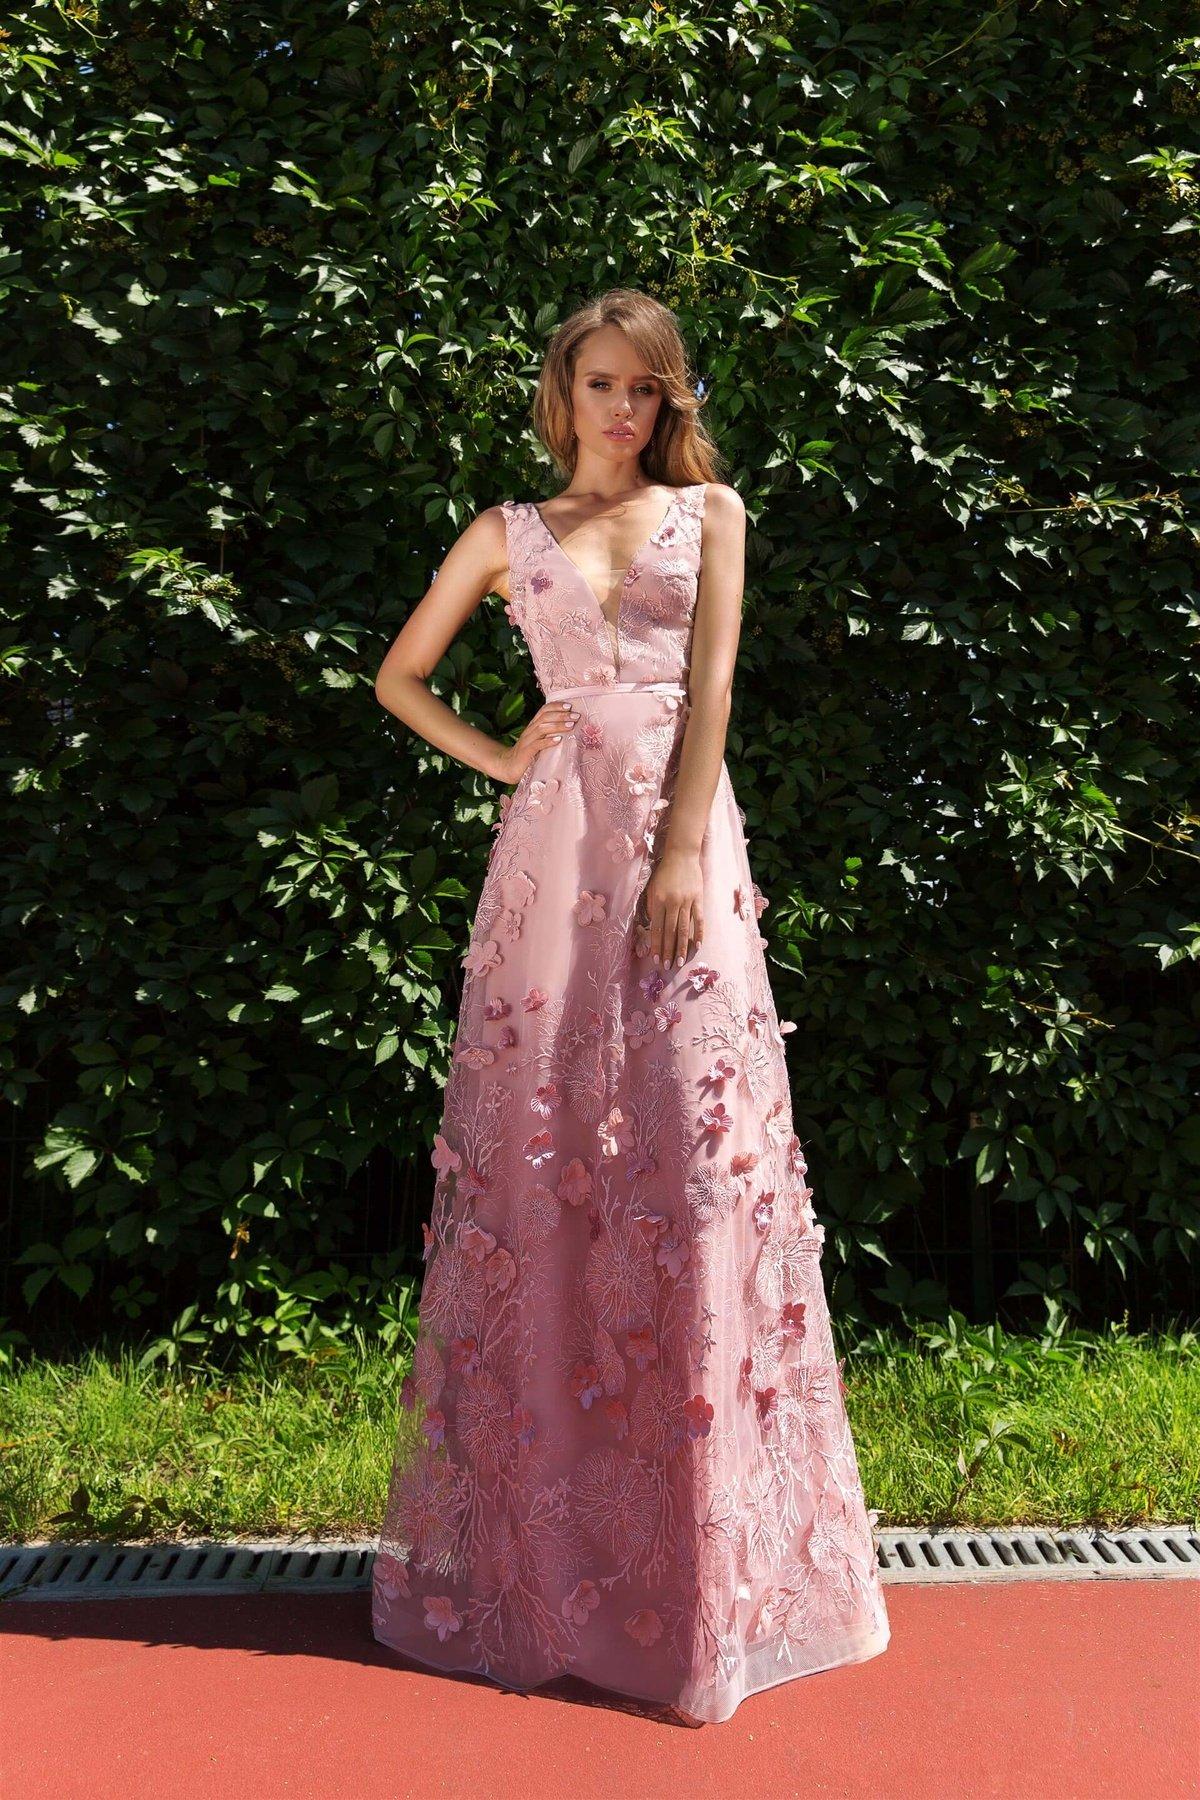 Вечірня сукня Annet - купити коктейльні сукні та вечірні сукні Olya Mak 9e7b92a97811b